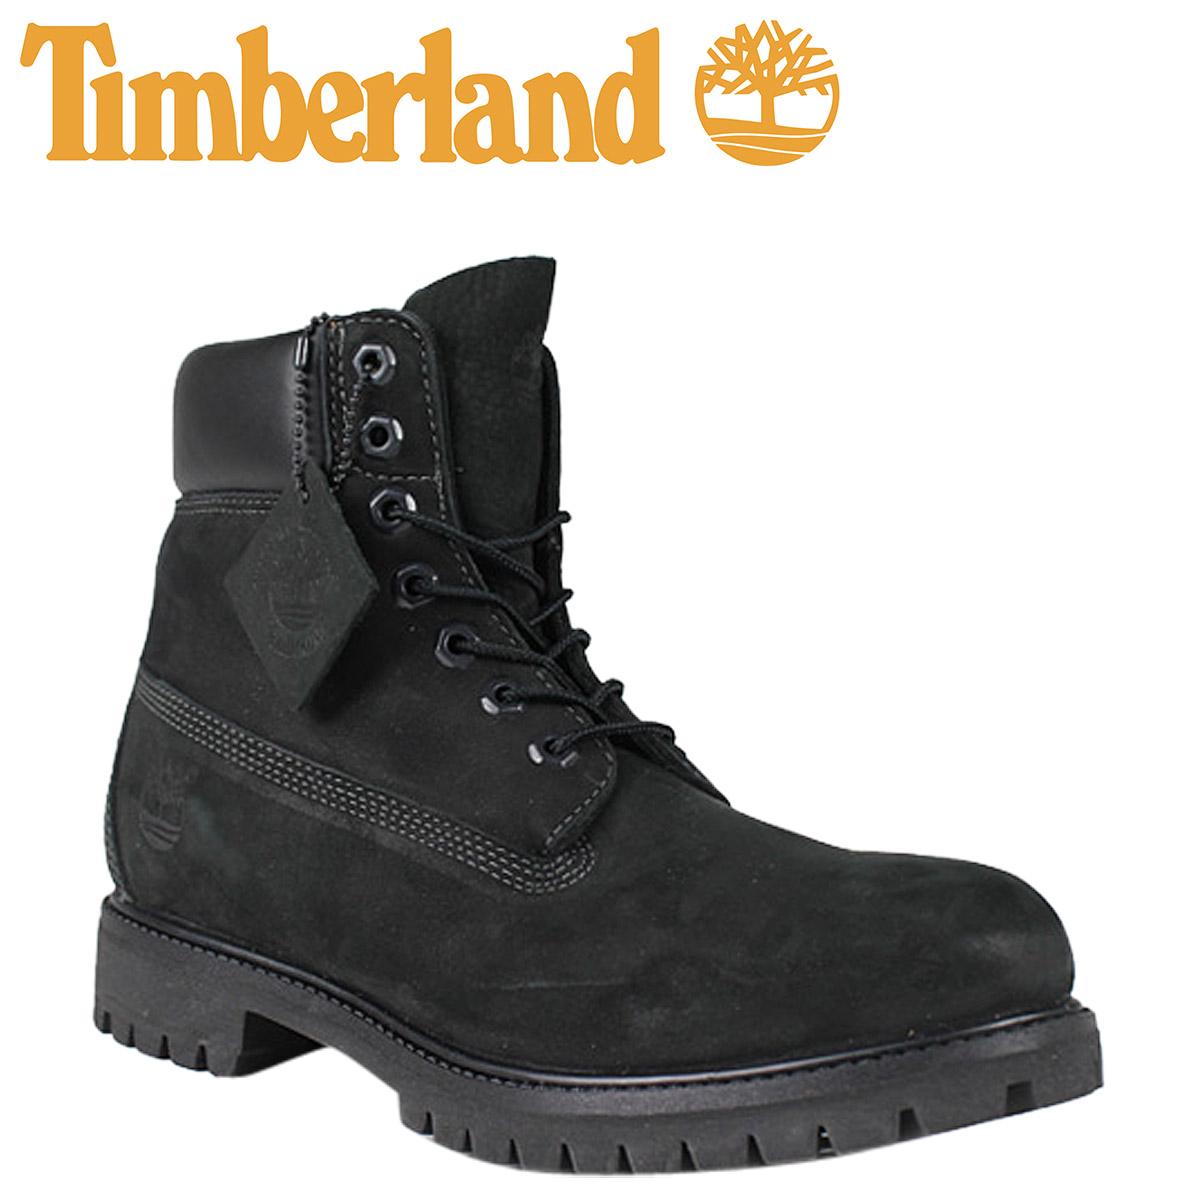 Timberland Prima De 6 Pulgadas Negro De Arranque A Prueba De Agua 8u3FEma6Fy